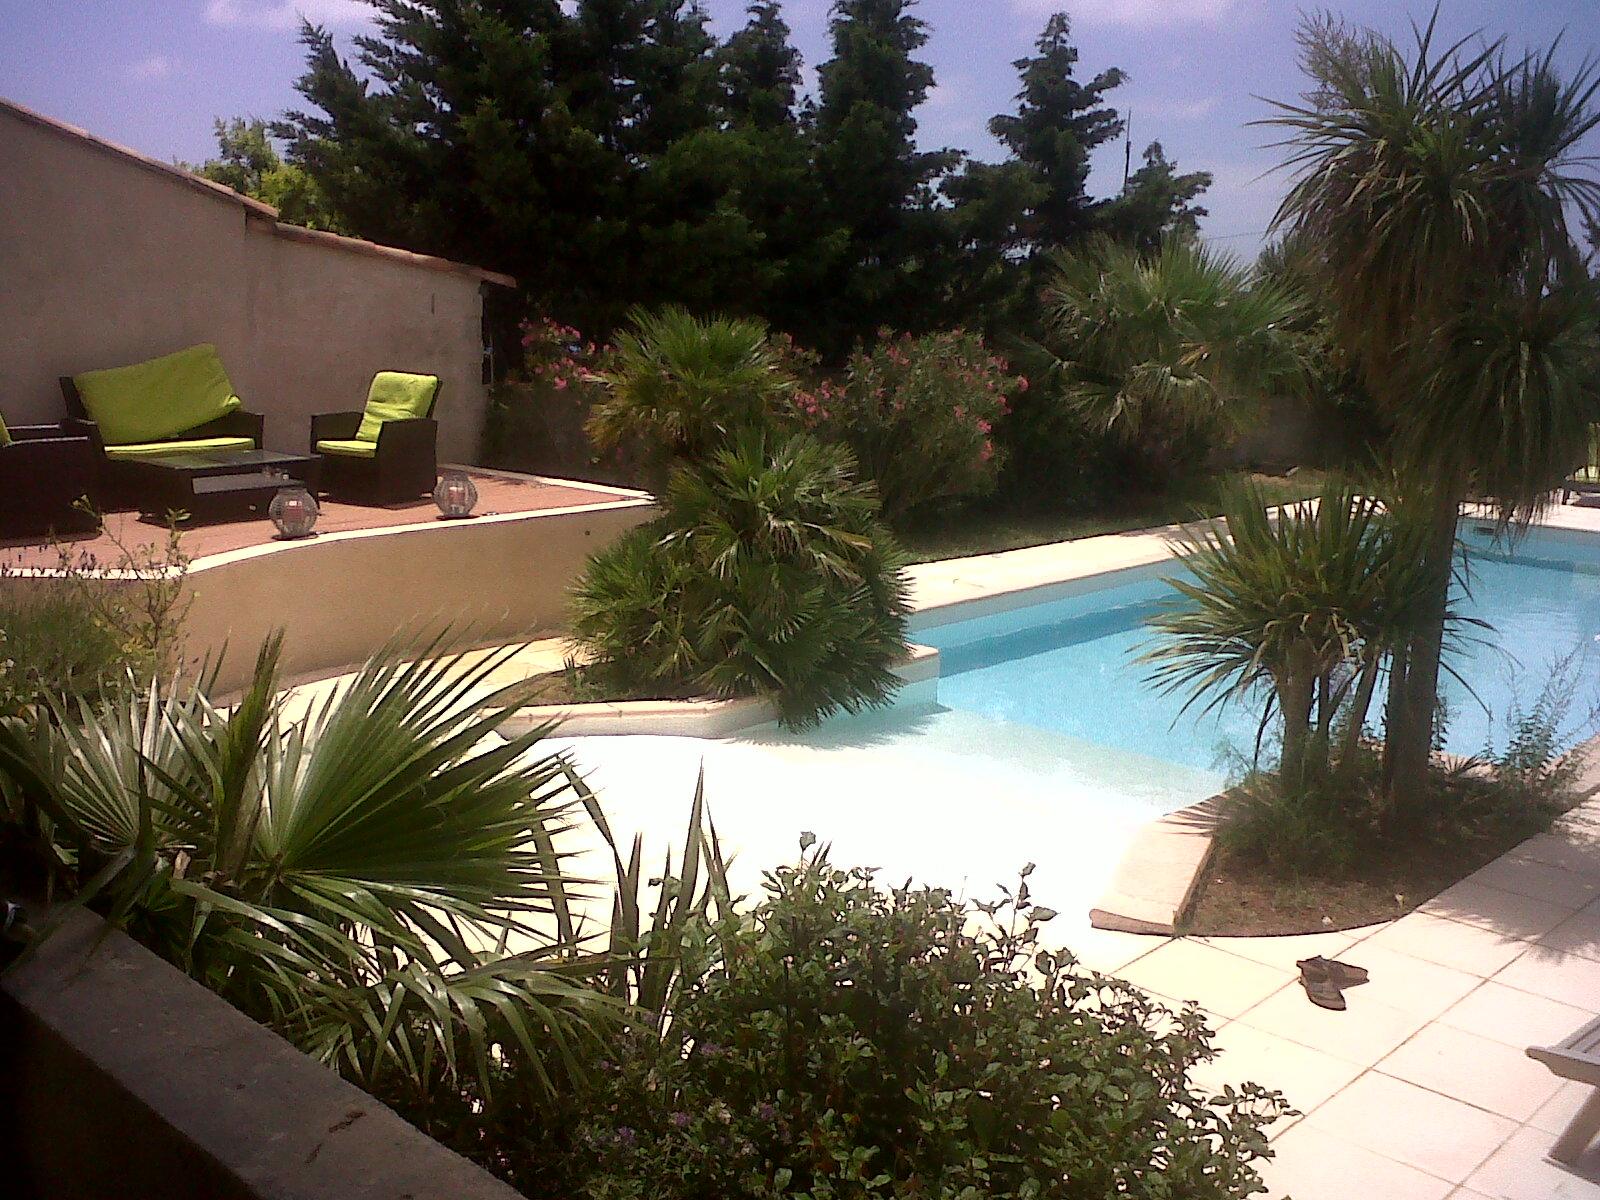 LA MIDINETTE - N° 1443-piscine-avec-plage-privative-a-la-location